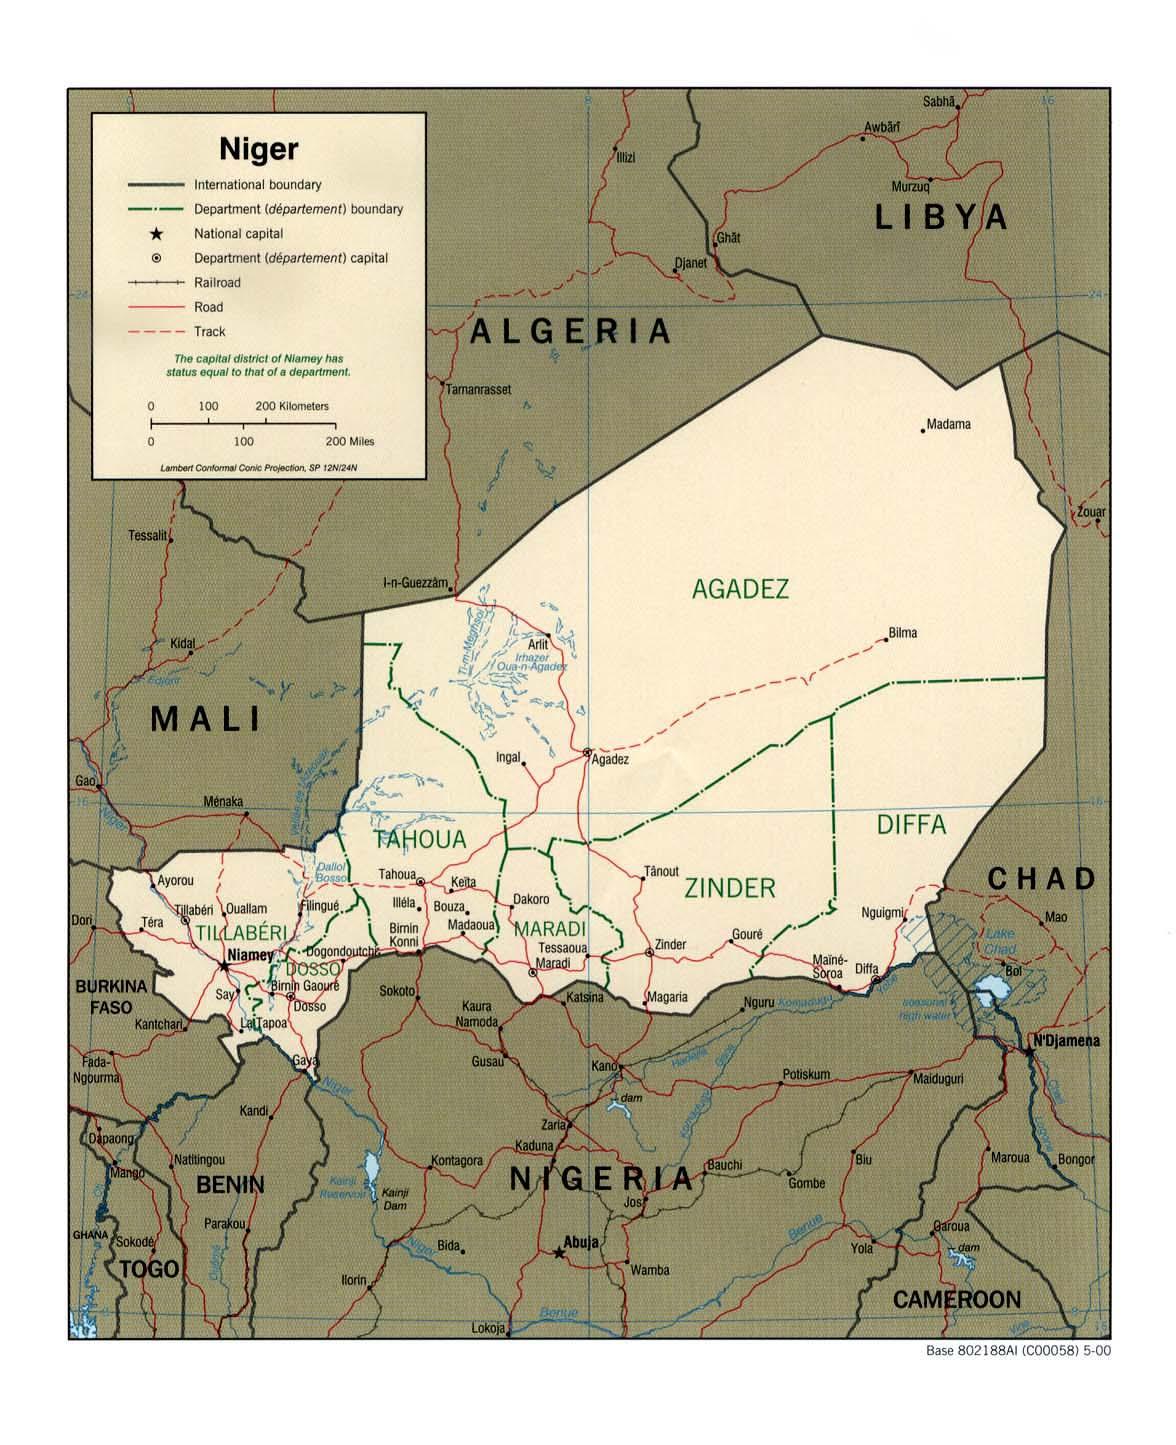 Mapa Politico de Níger